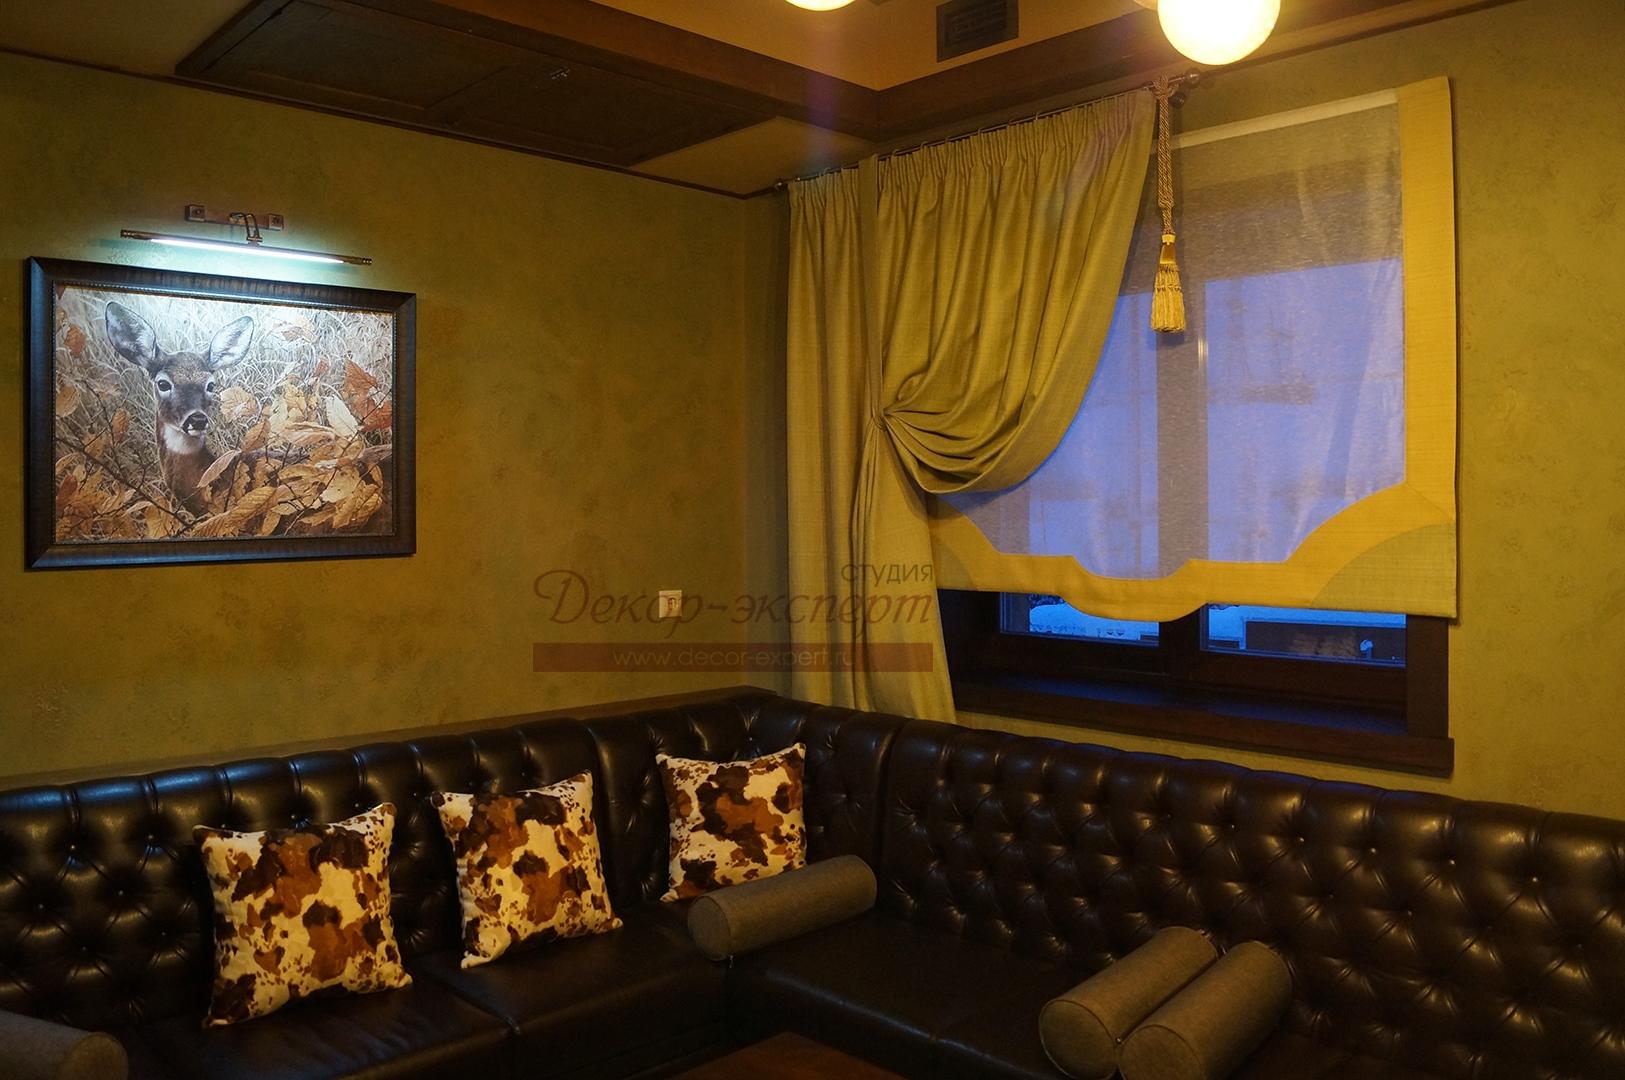 Римские шторы для ресторана в зелёной комнате.